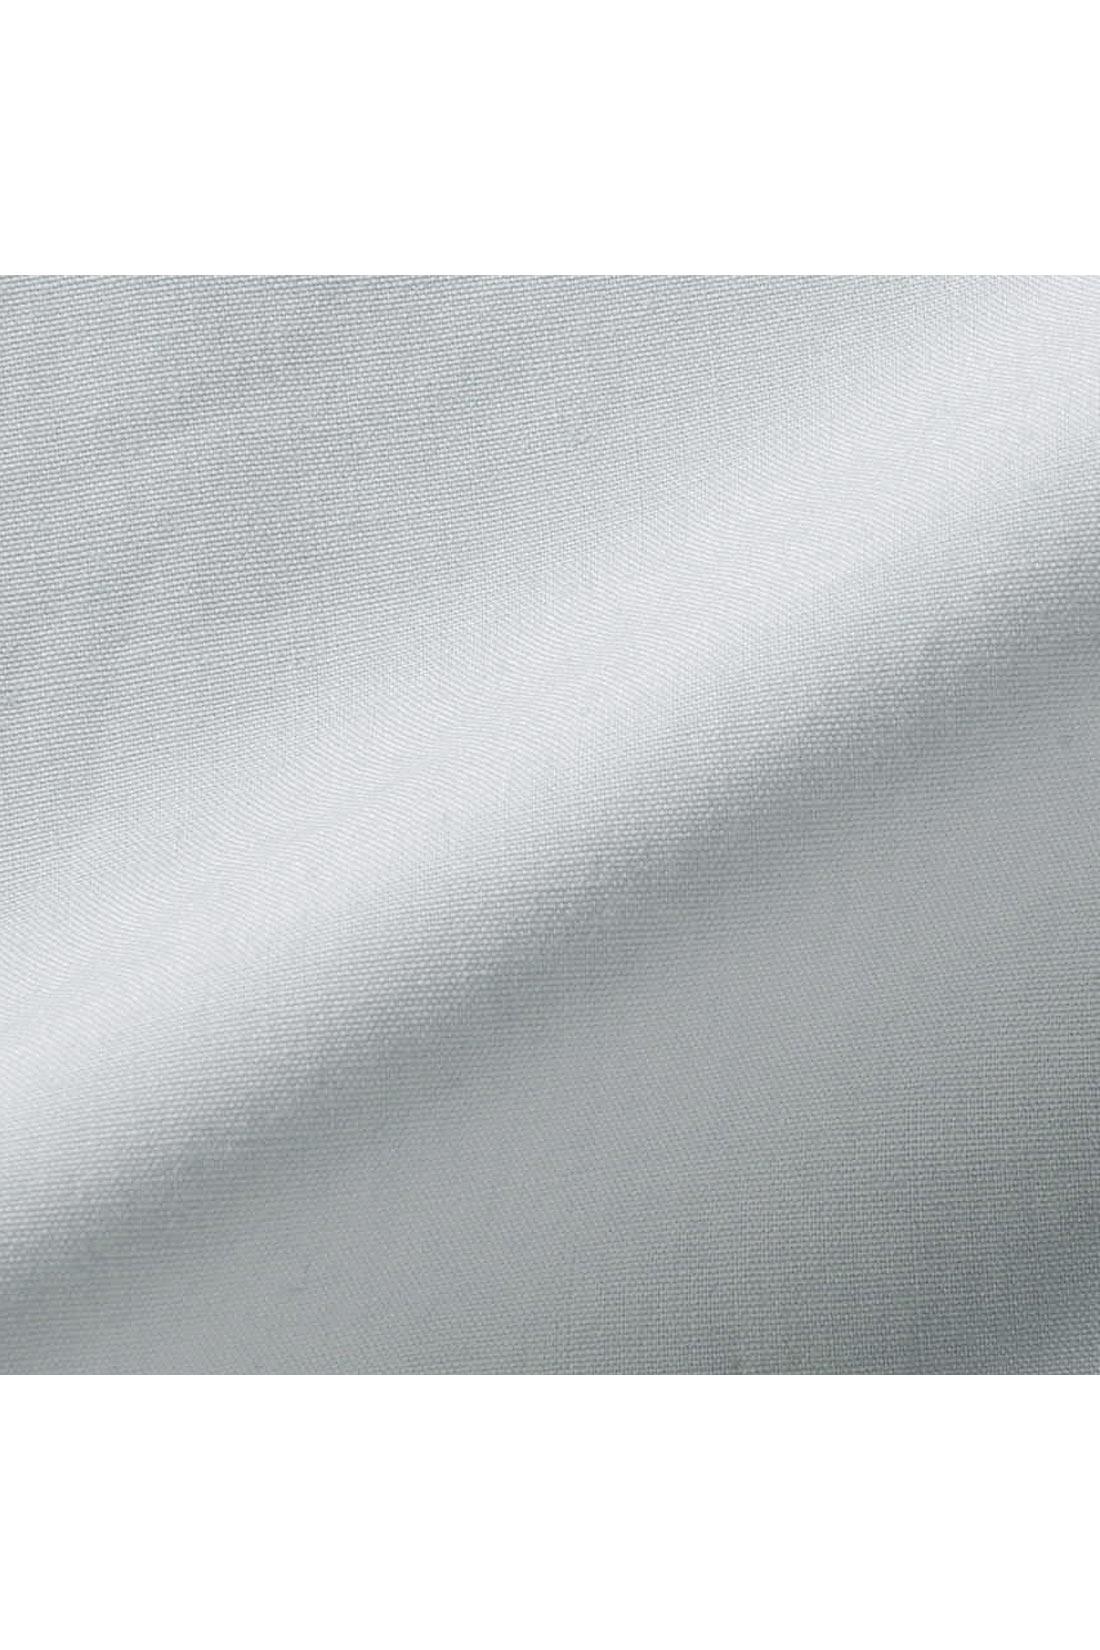 シャリッとした張り感のあるコットン100%のタイプライター素材を使用。生地に洗いをかけることでシワ感を出しこなれた感じに。